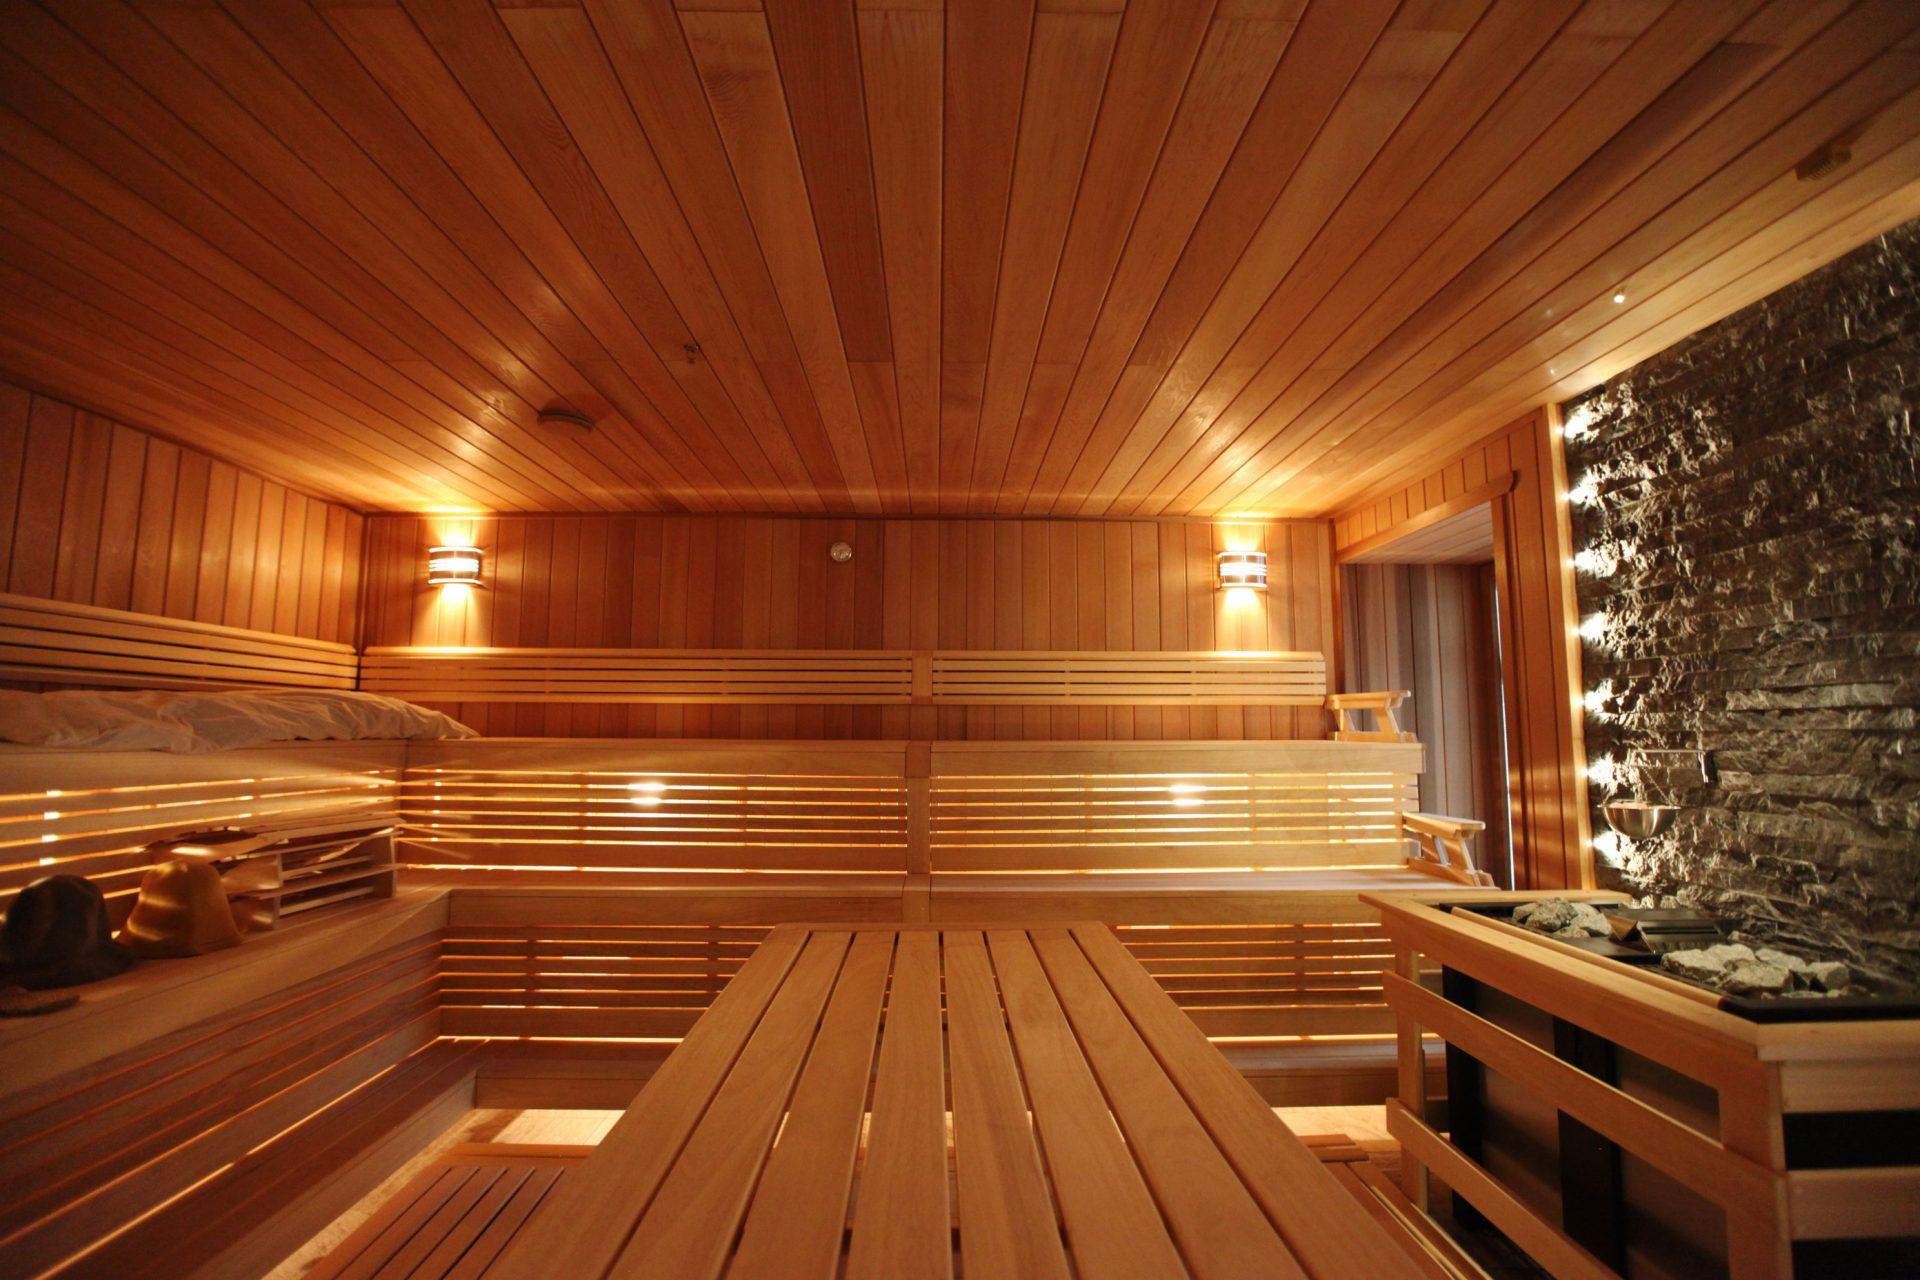 Элитные бани и вип сауны банного комплекса «тазик клуб» в москве